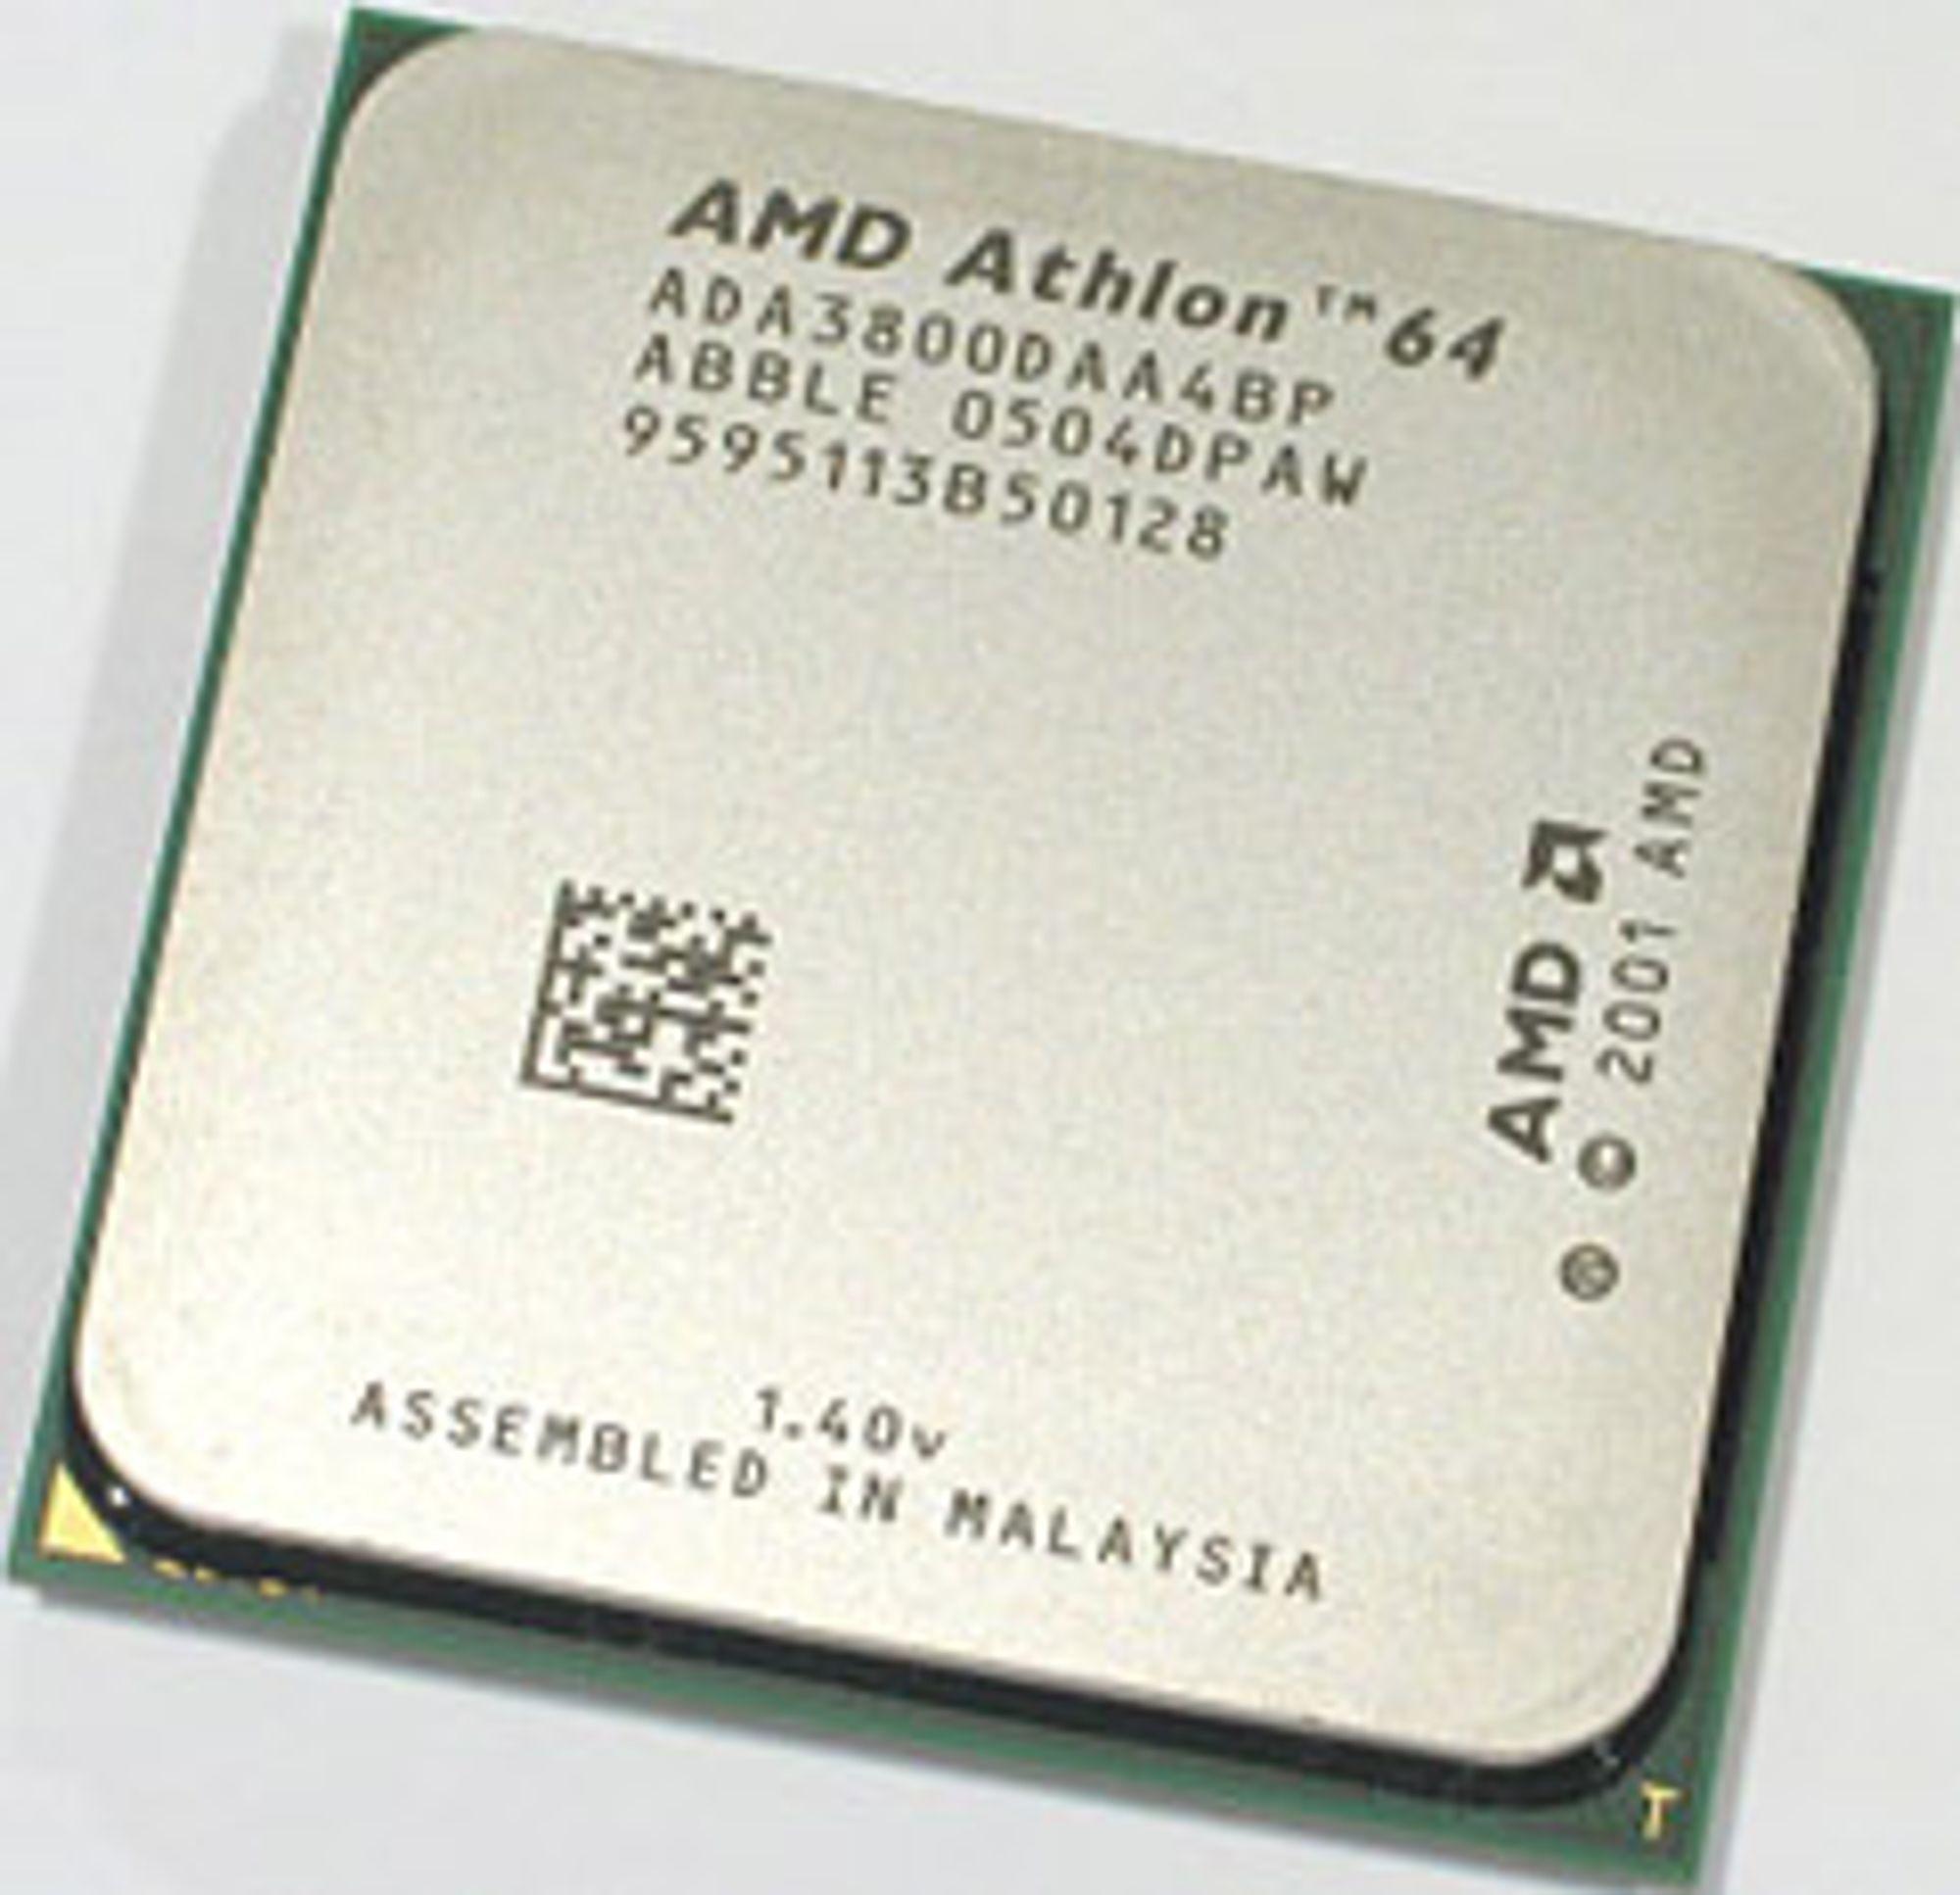 AMD Athlon 64 3800+, med varmespreder.